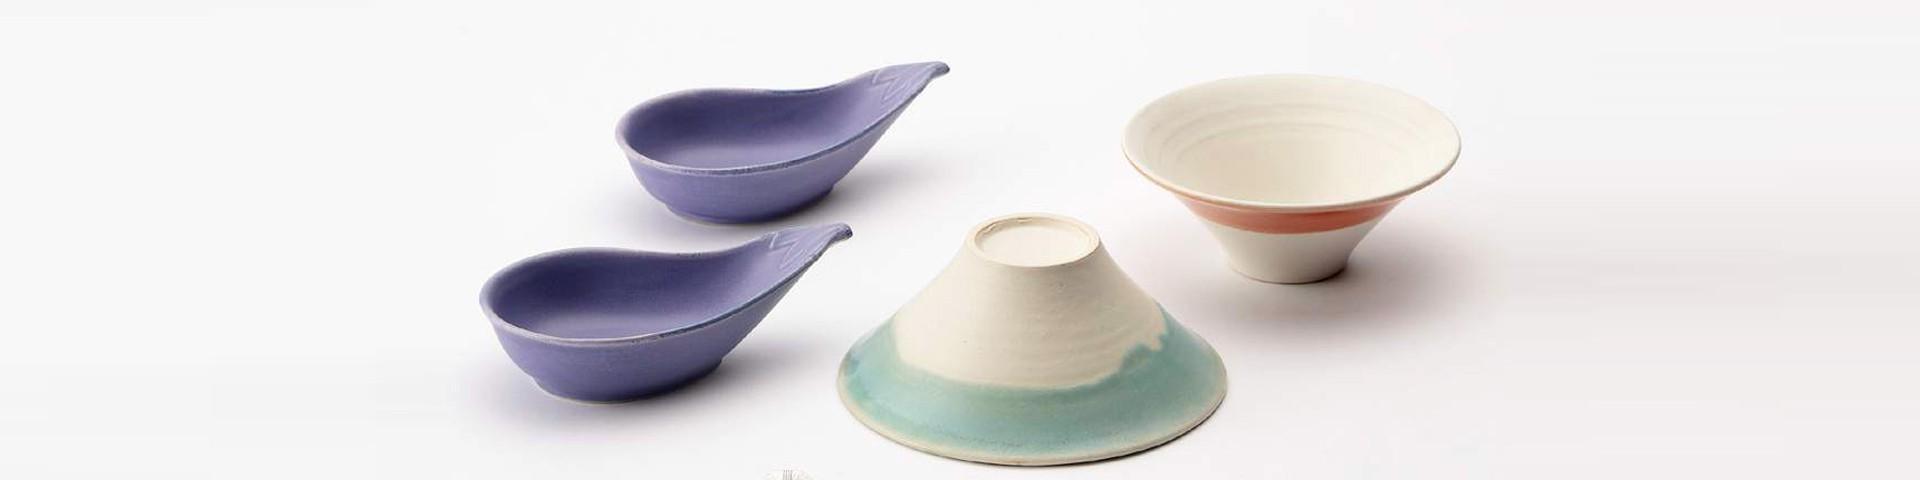 日本の食器 | お碗 | 豆皿|箸・箸置き | 飯切り |徳利・お猪口・升